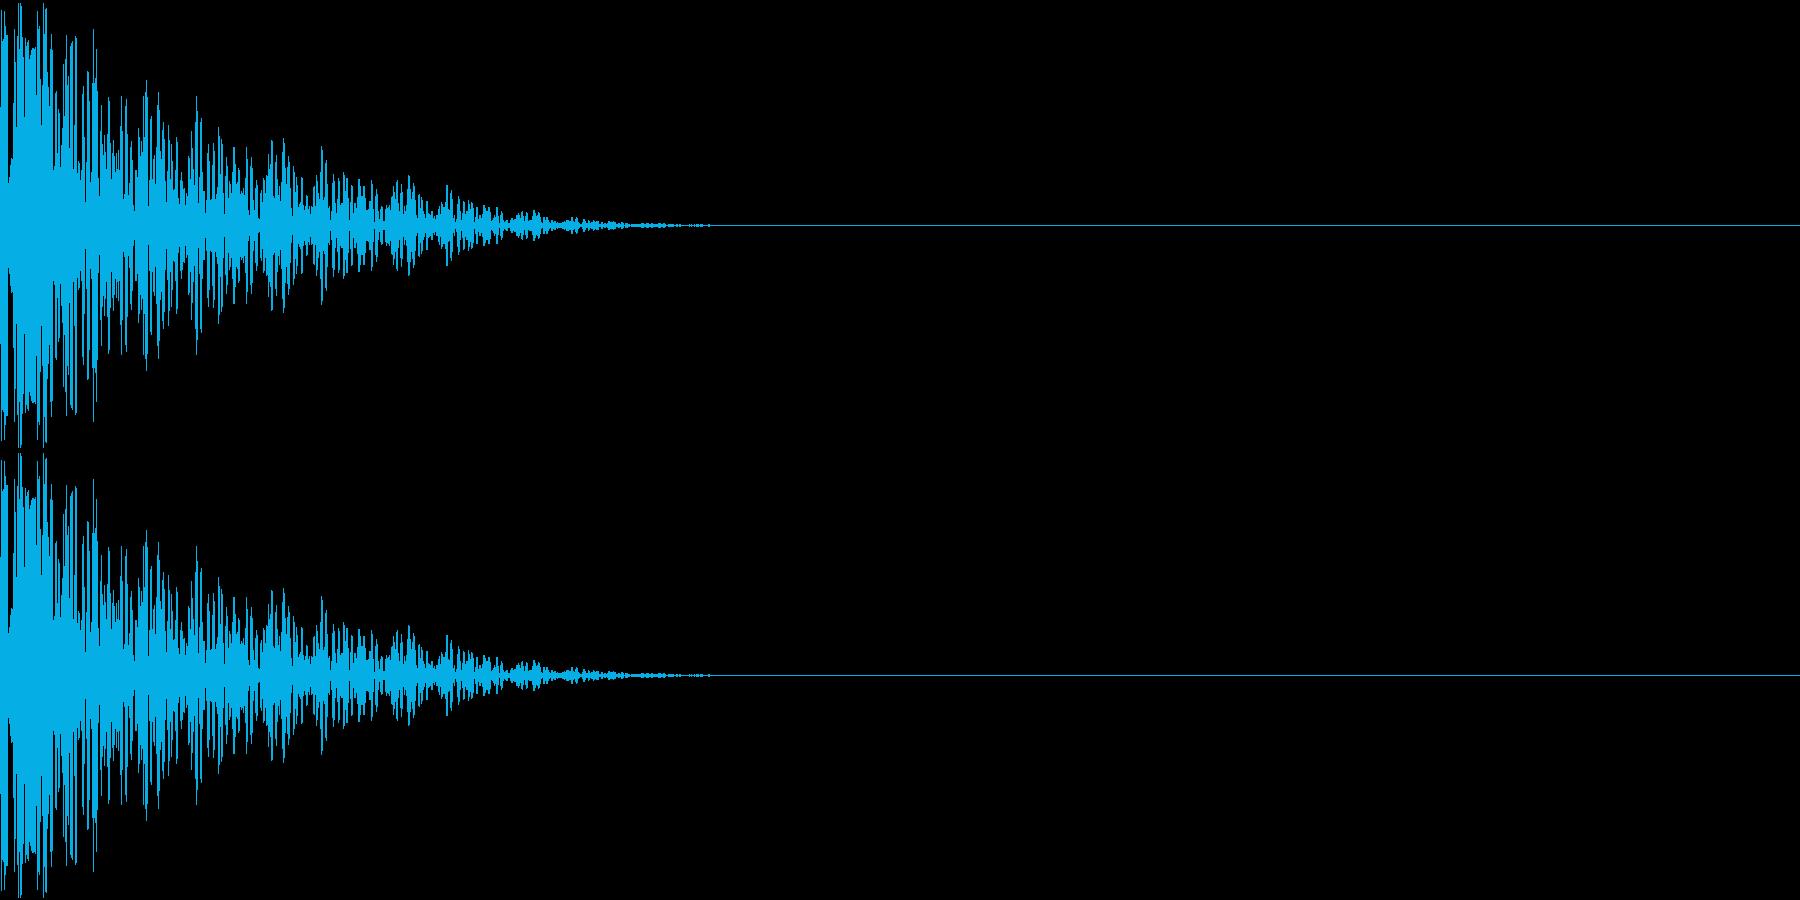 GameApp 選択音 バンッ!の再生済みの波形